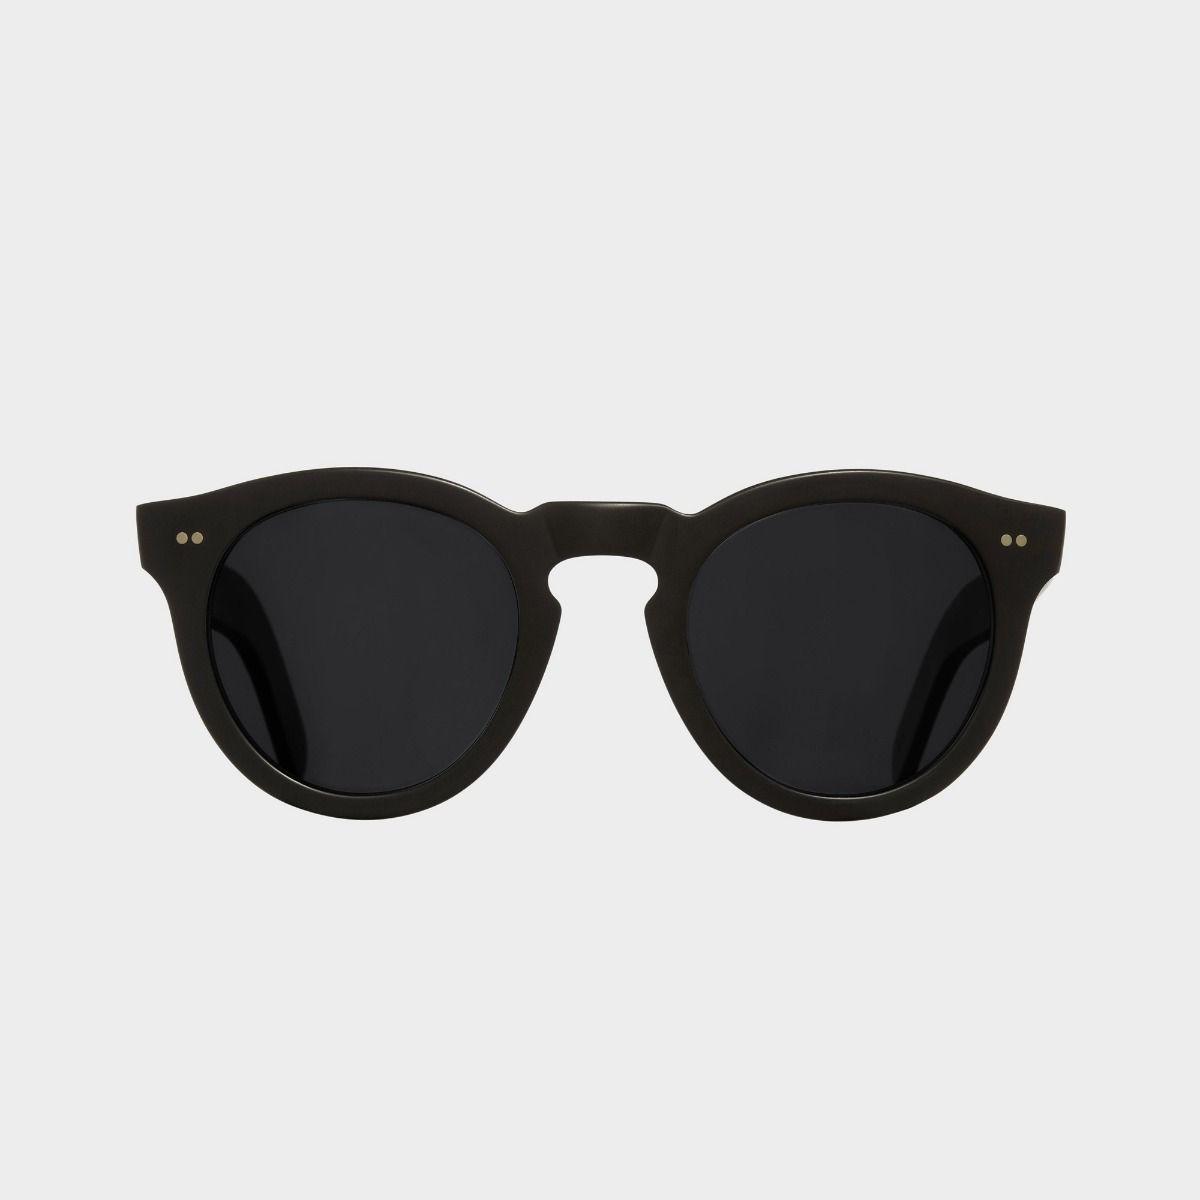 0734V2 Round Sunglasses (Small)-Matt Black